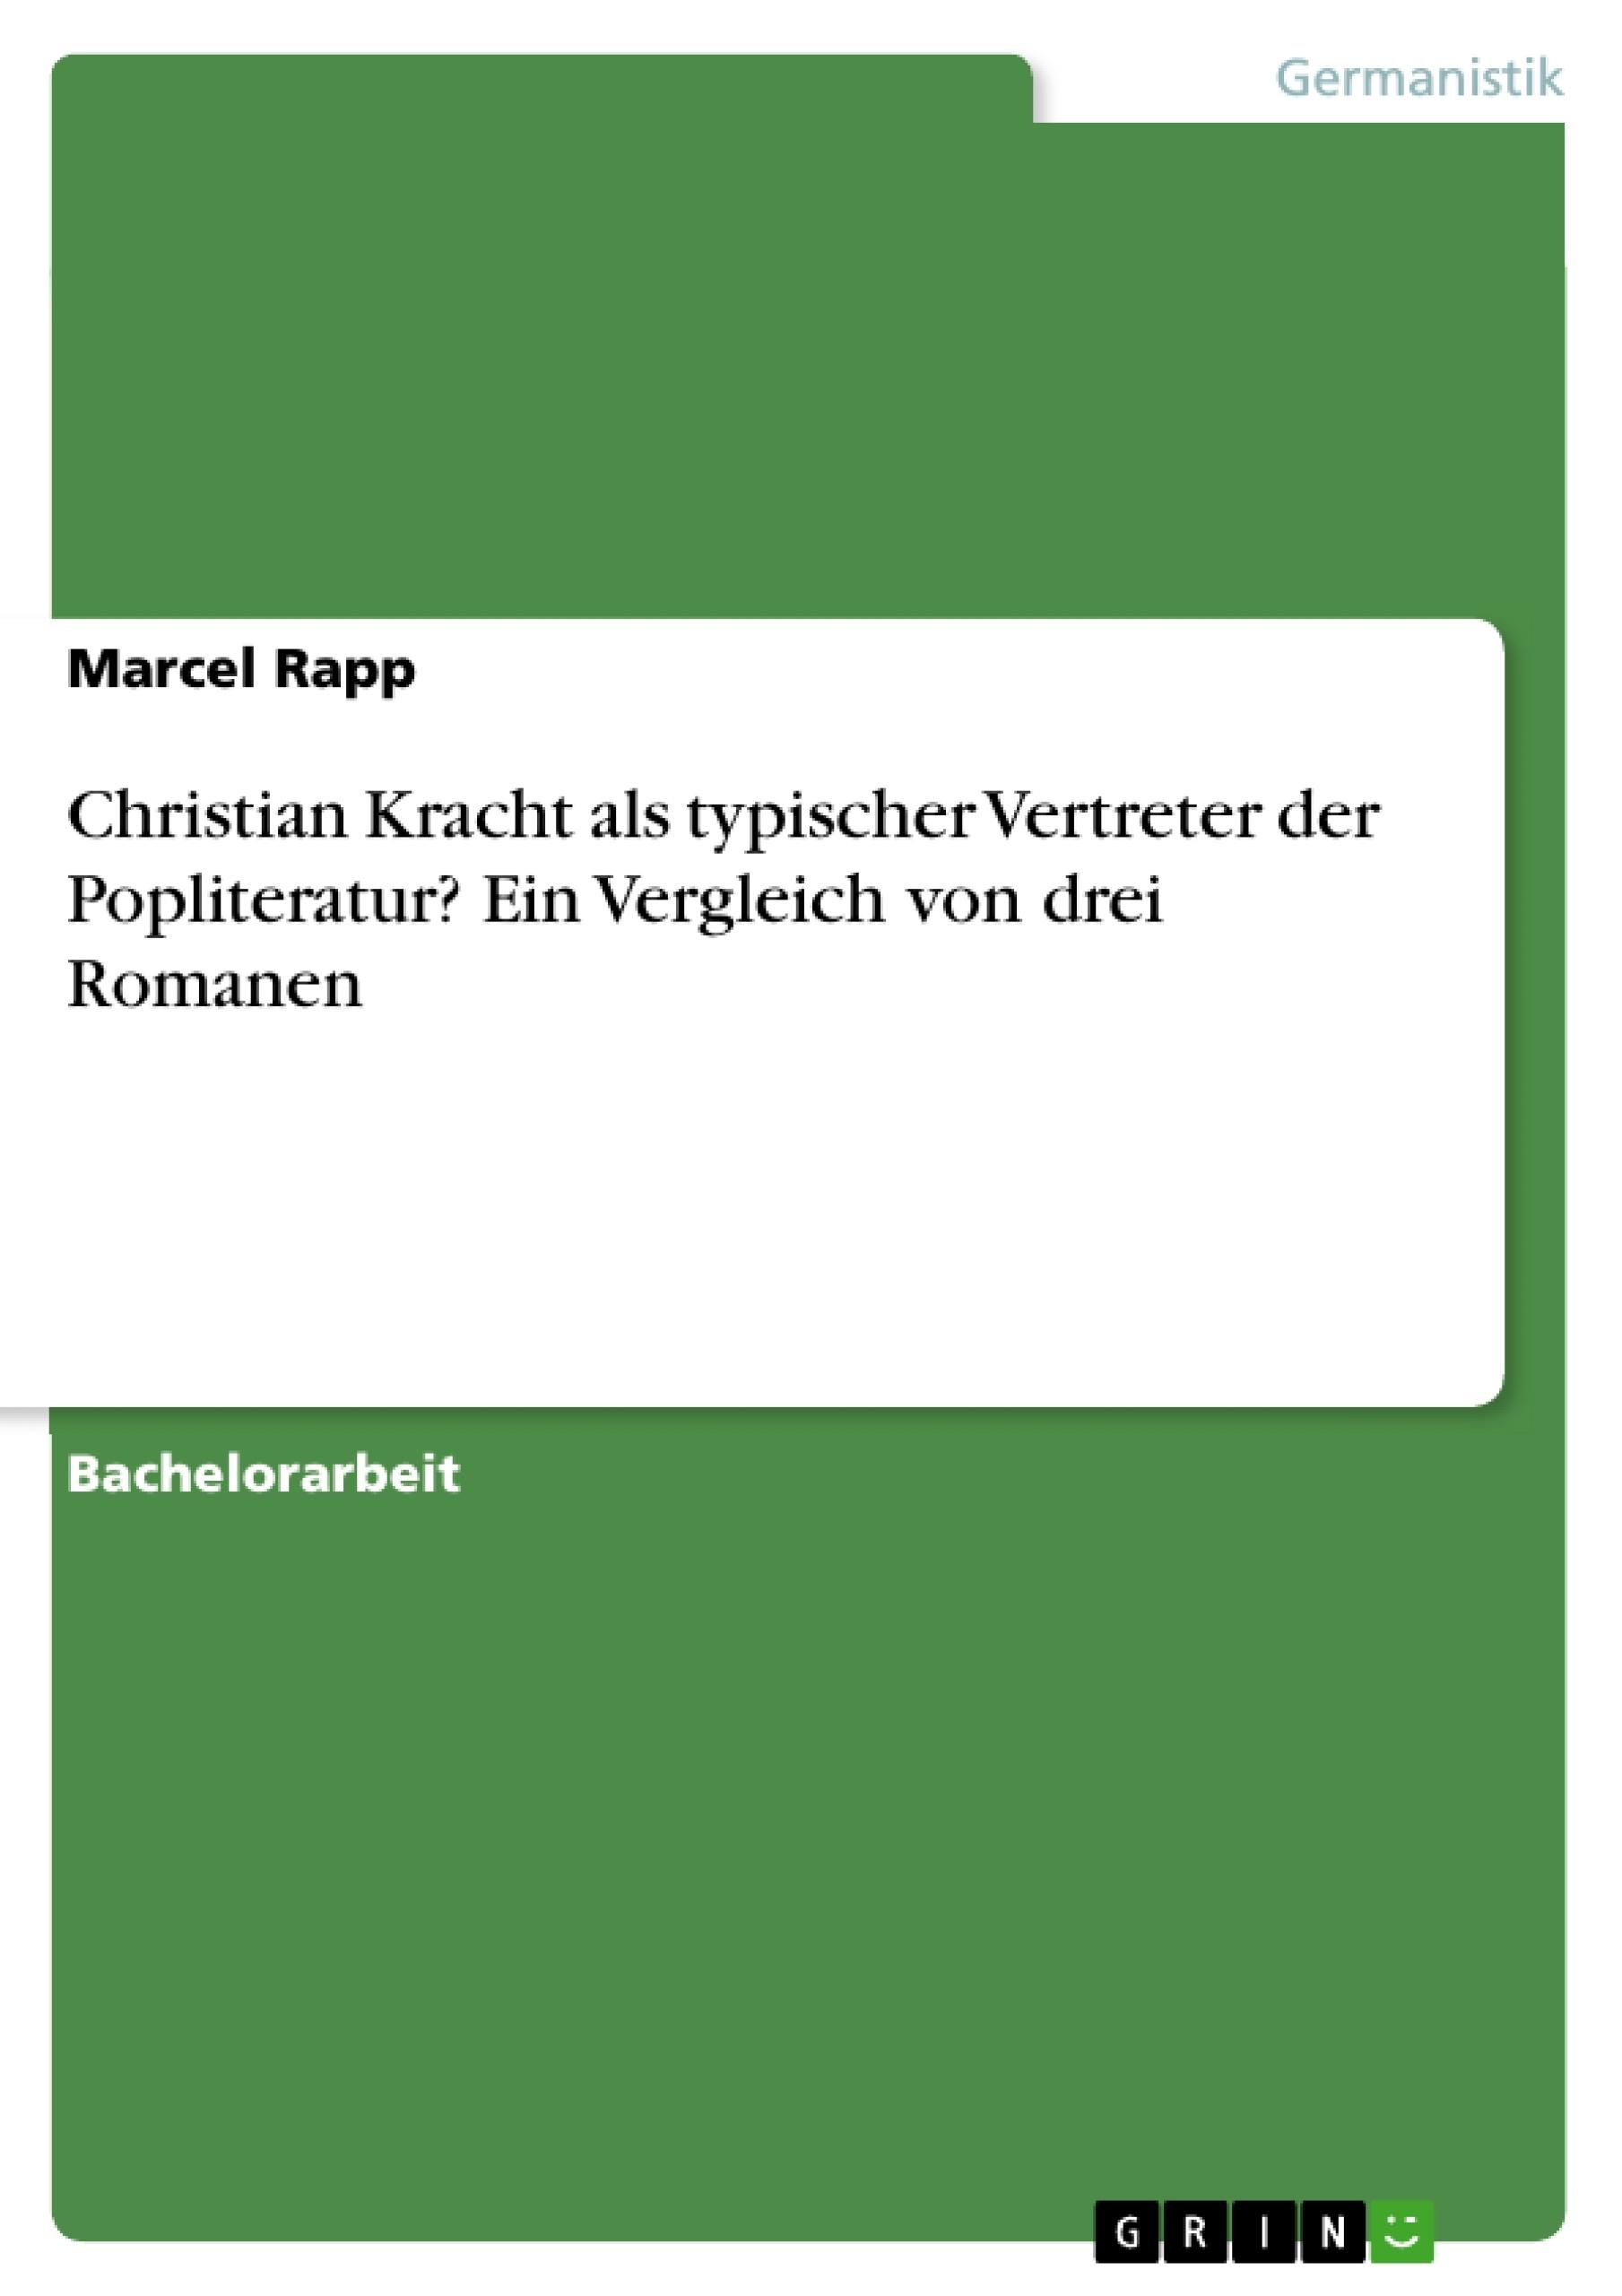 Titel: Christian Kracht als typischer Vertreter der Popliteratur? Ein Vergleich von drei Romanen